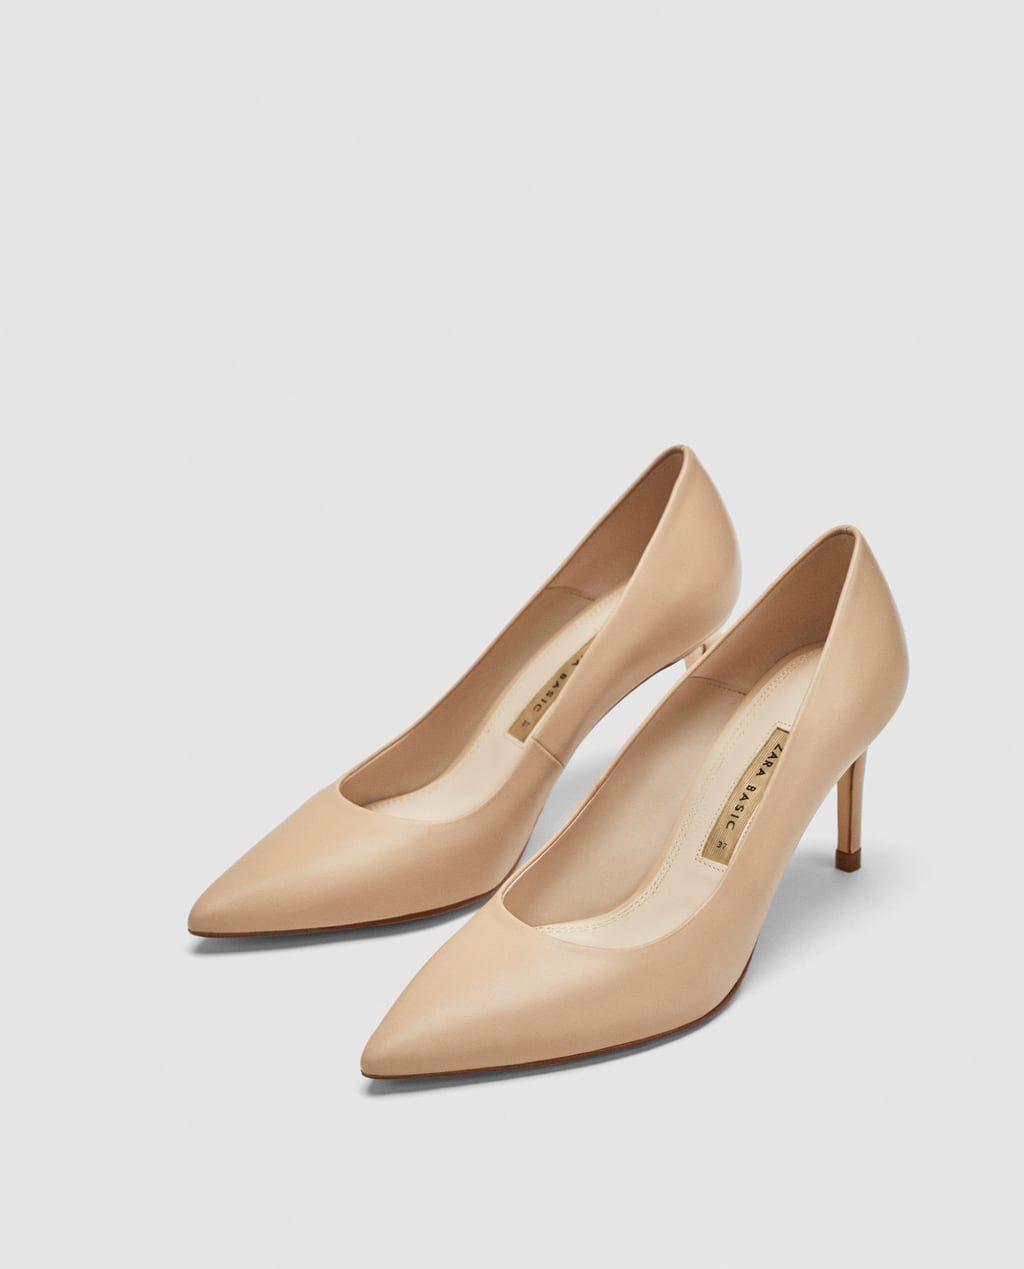 f1a4c7a0 SALÓN TACÓN PIEL en 2019   Calzado   Tacones, Zapatos y Zara